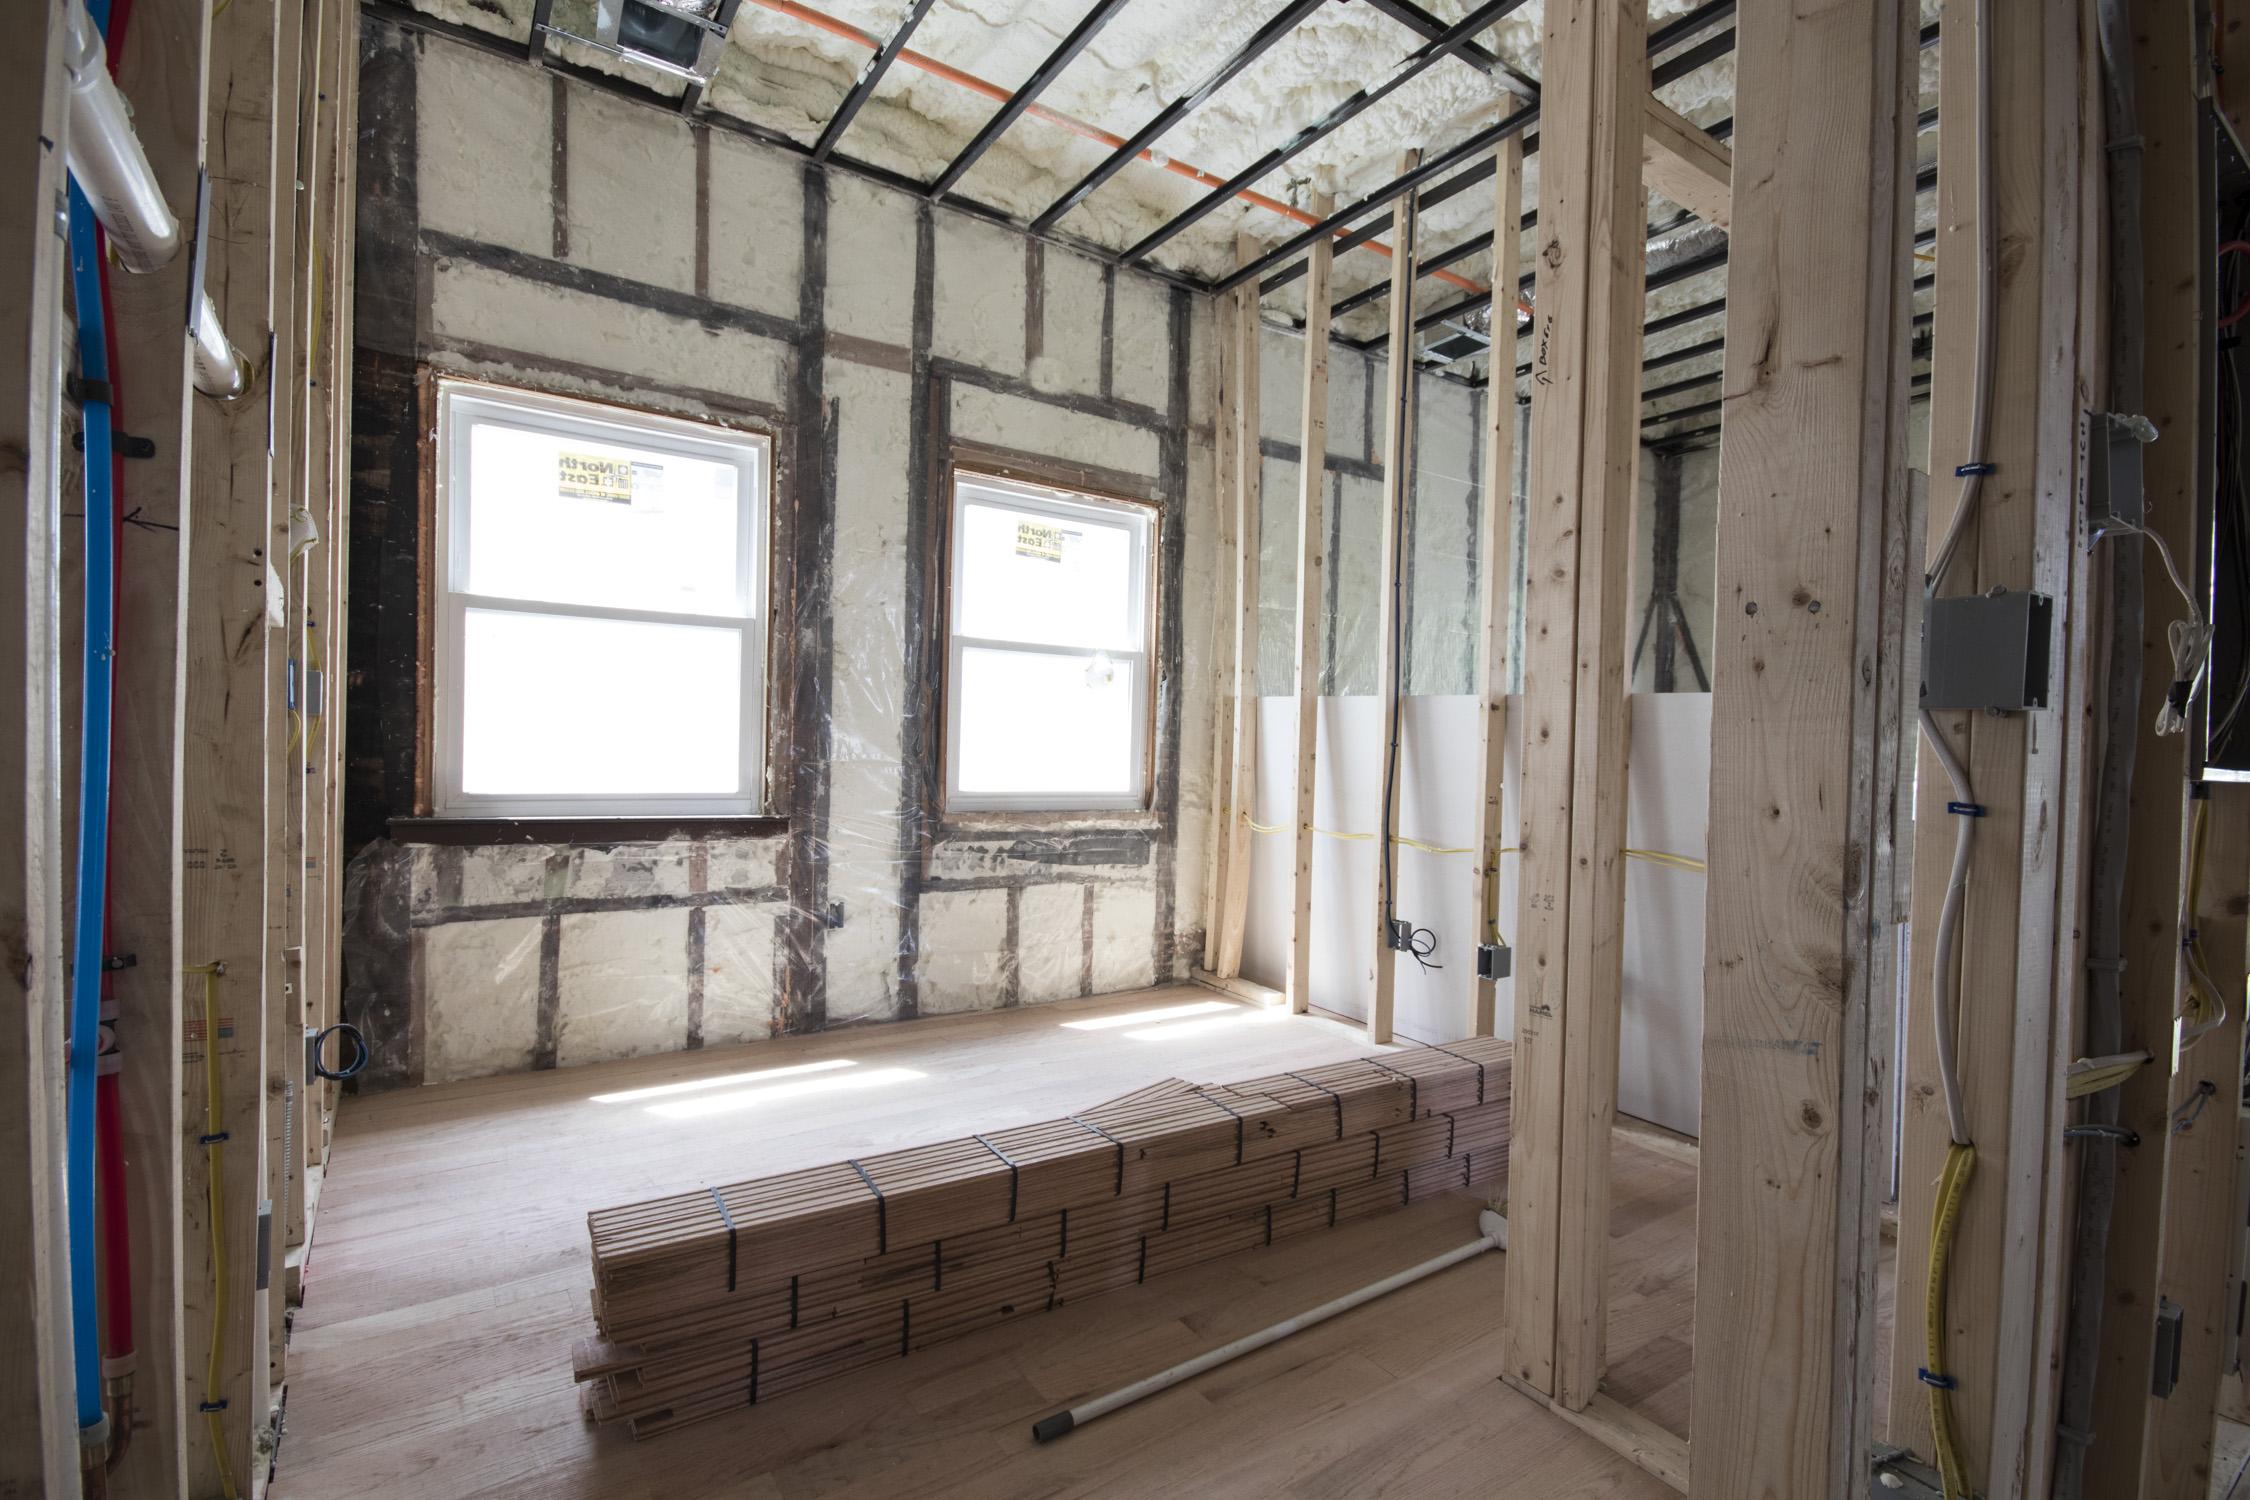 25 Darling Street Boston General Contractor P Northeast Contractors_137